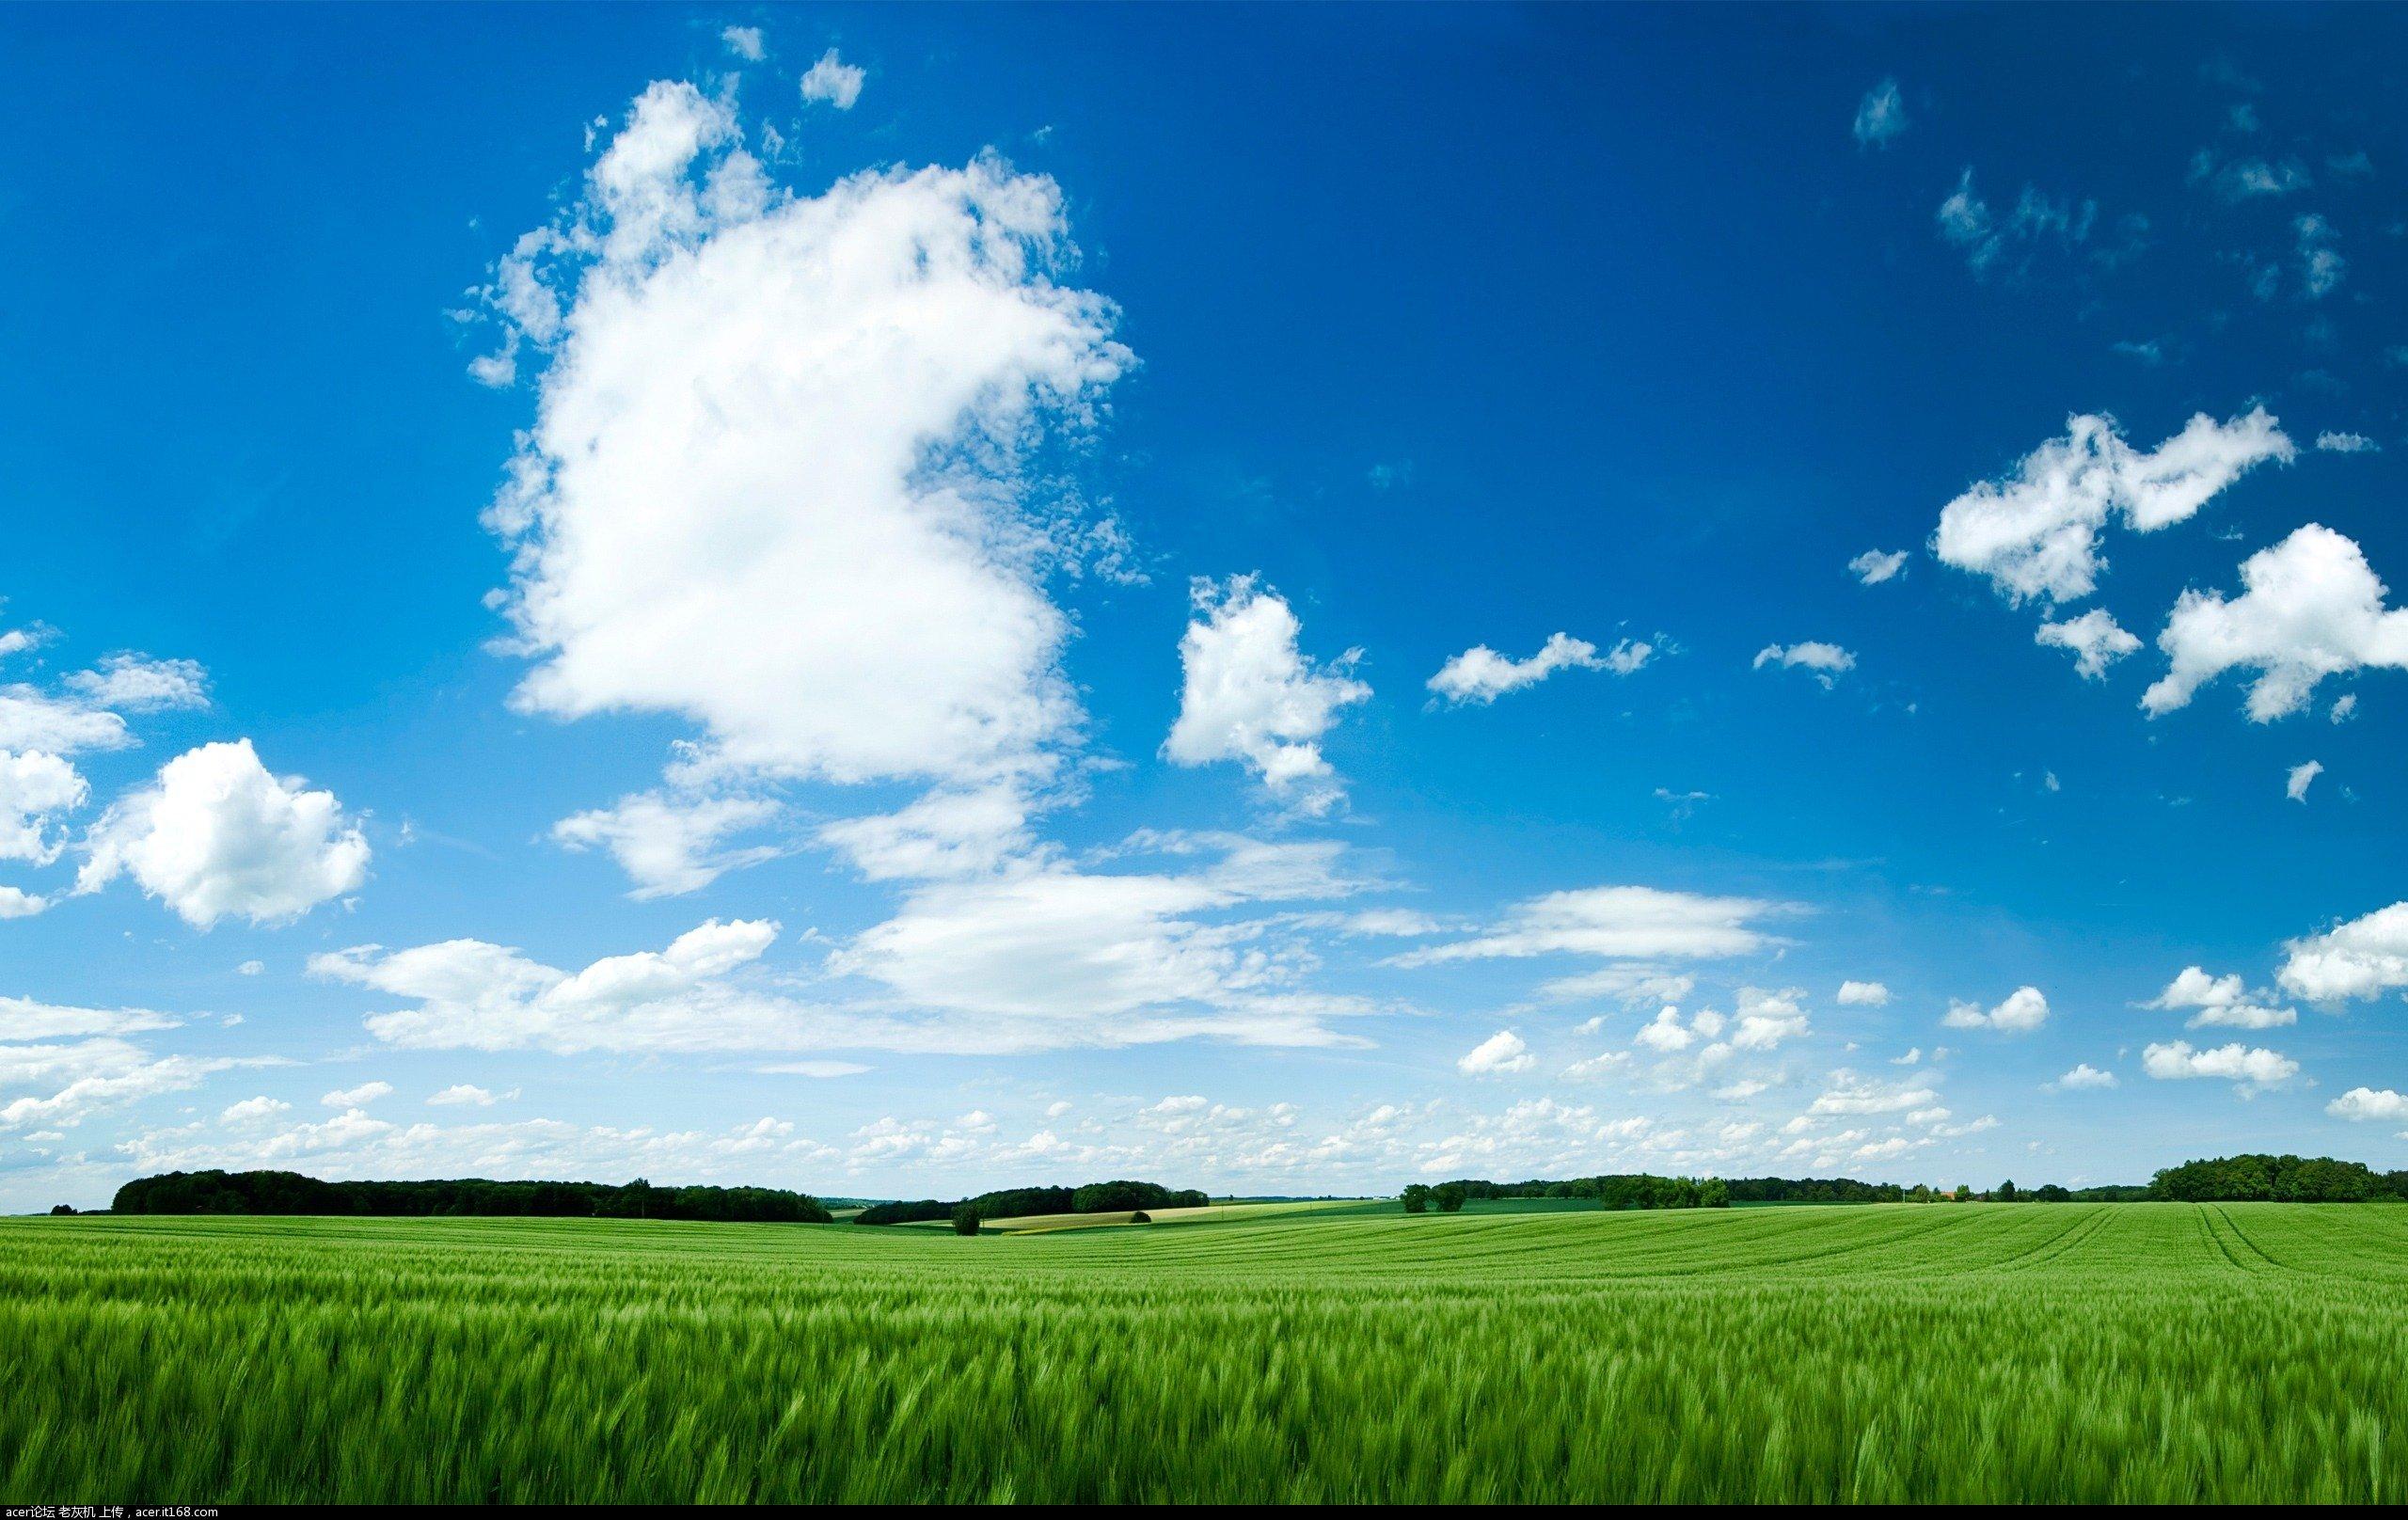 背景 壁纸 草原 风景 天空 桌面 2560_1616